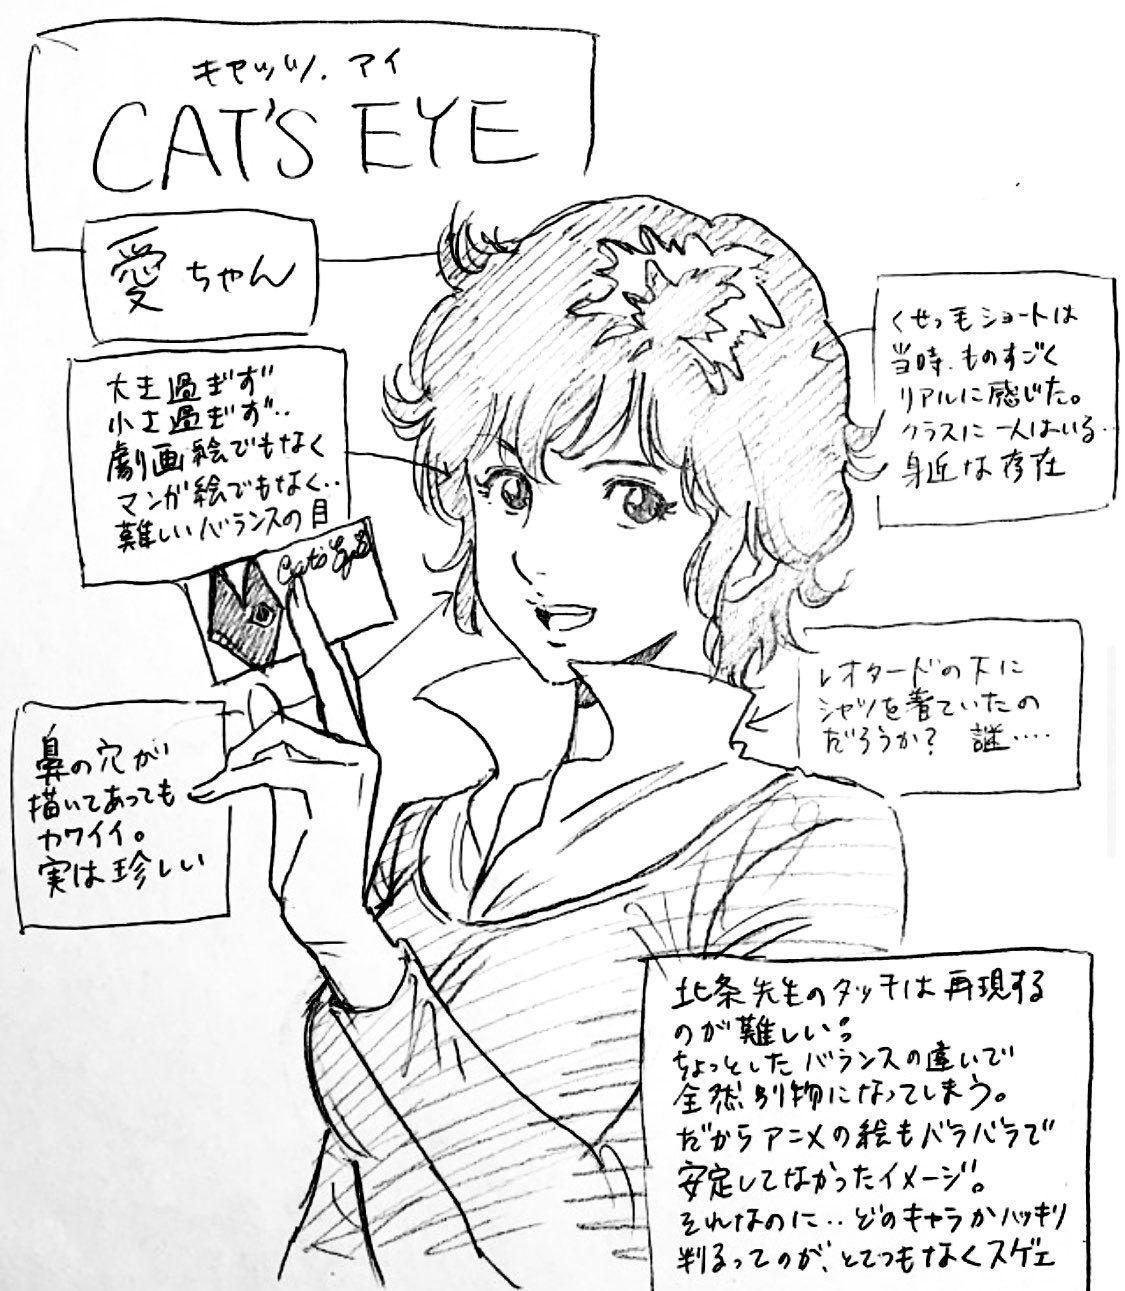 渡辺 潤 on twitter 渡辺 日常 アニメ 漫画家